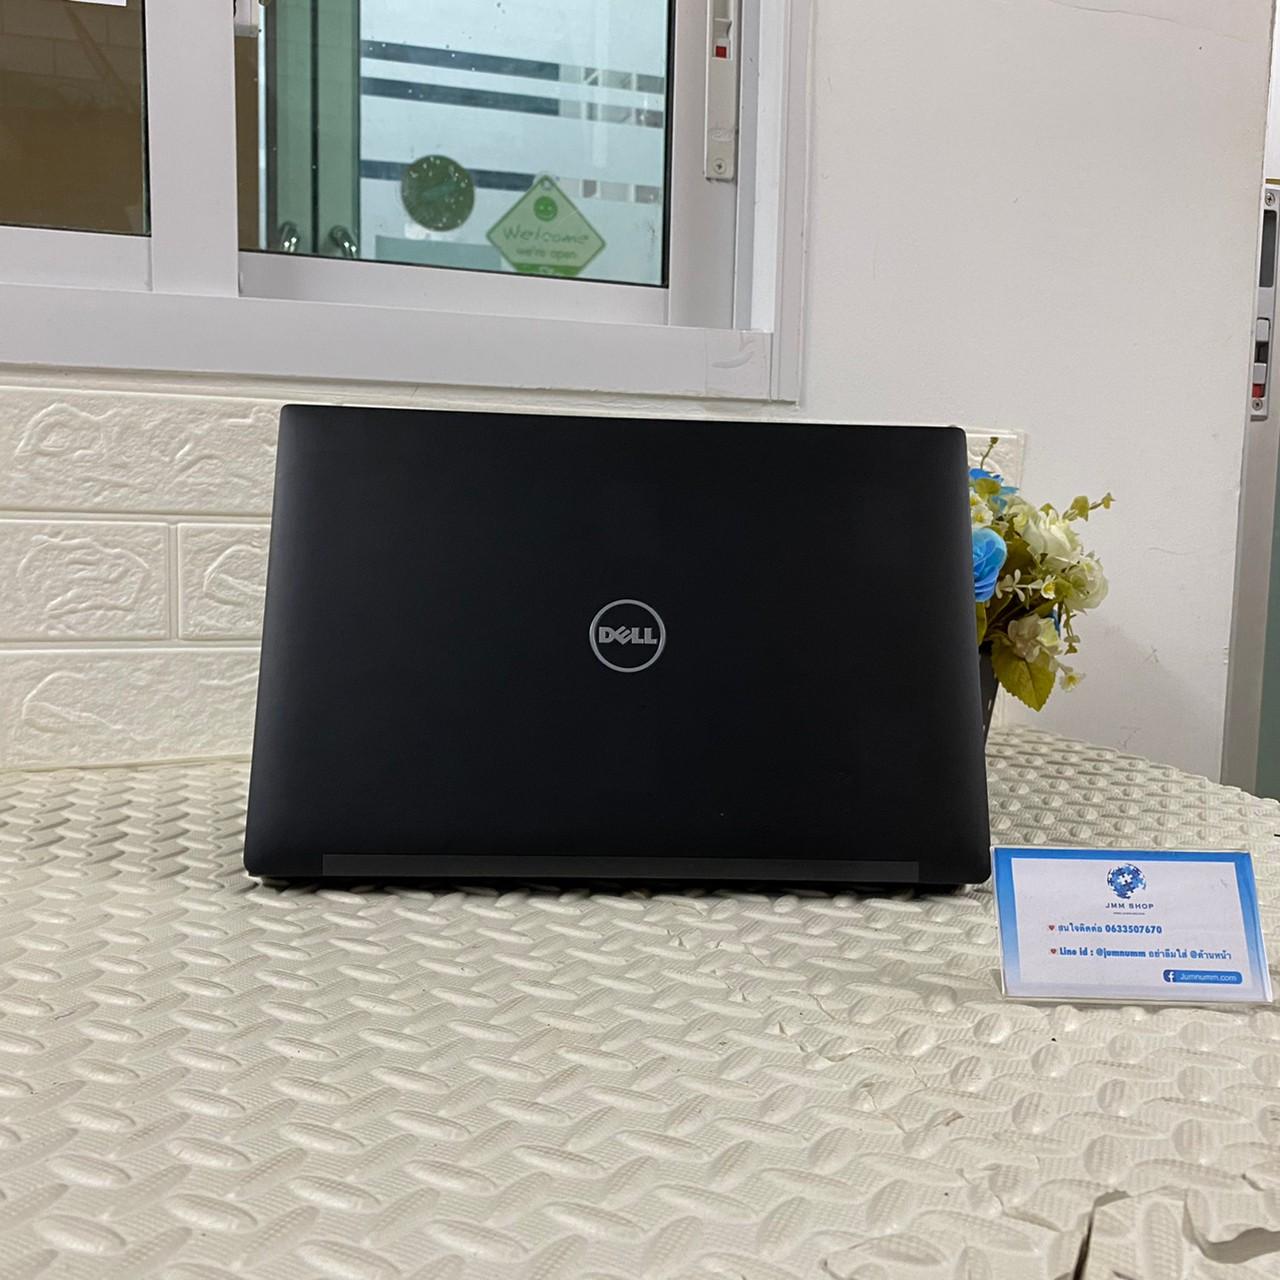 JMM - 1035 ขาย 💻DELL Latitude 7480 i7-6600u💻 SSD 512GB RAM 8GB🌈 Win 10Pro เครื่องสวยพร้อมใช้งาน 💯👍